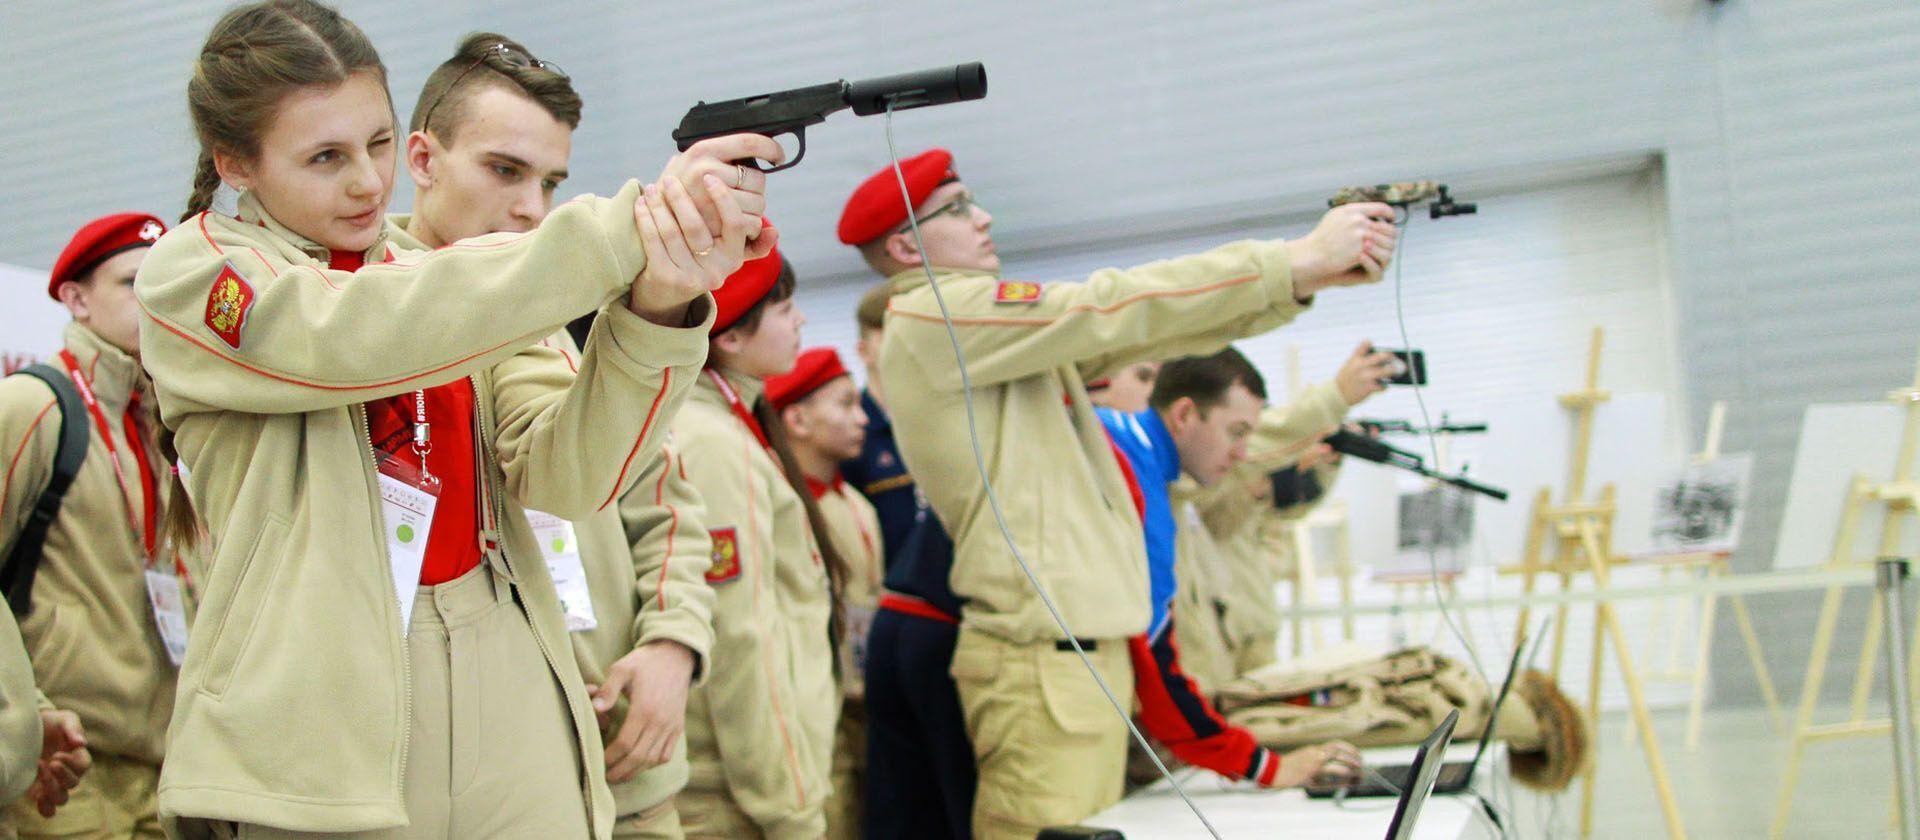 Российские юнармийци стреляют из огнестрельного оружия на учениях